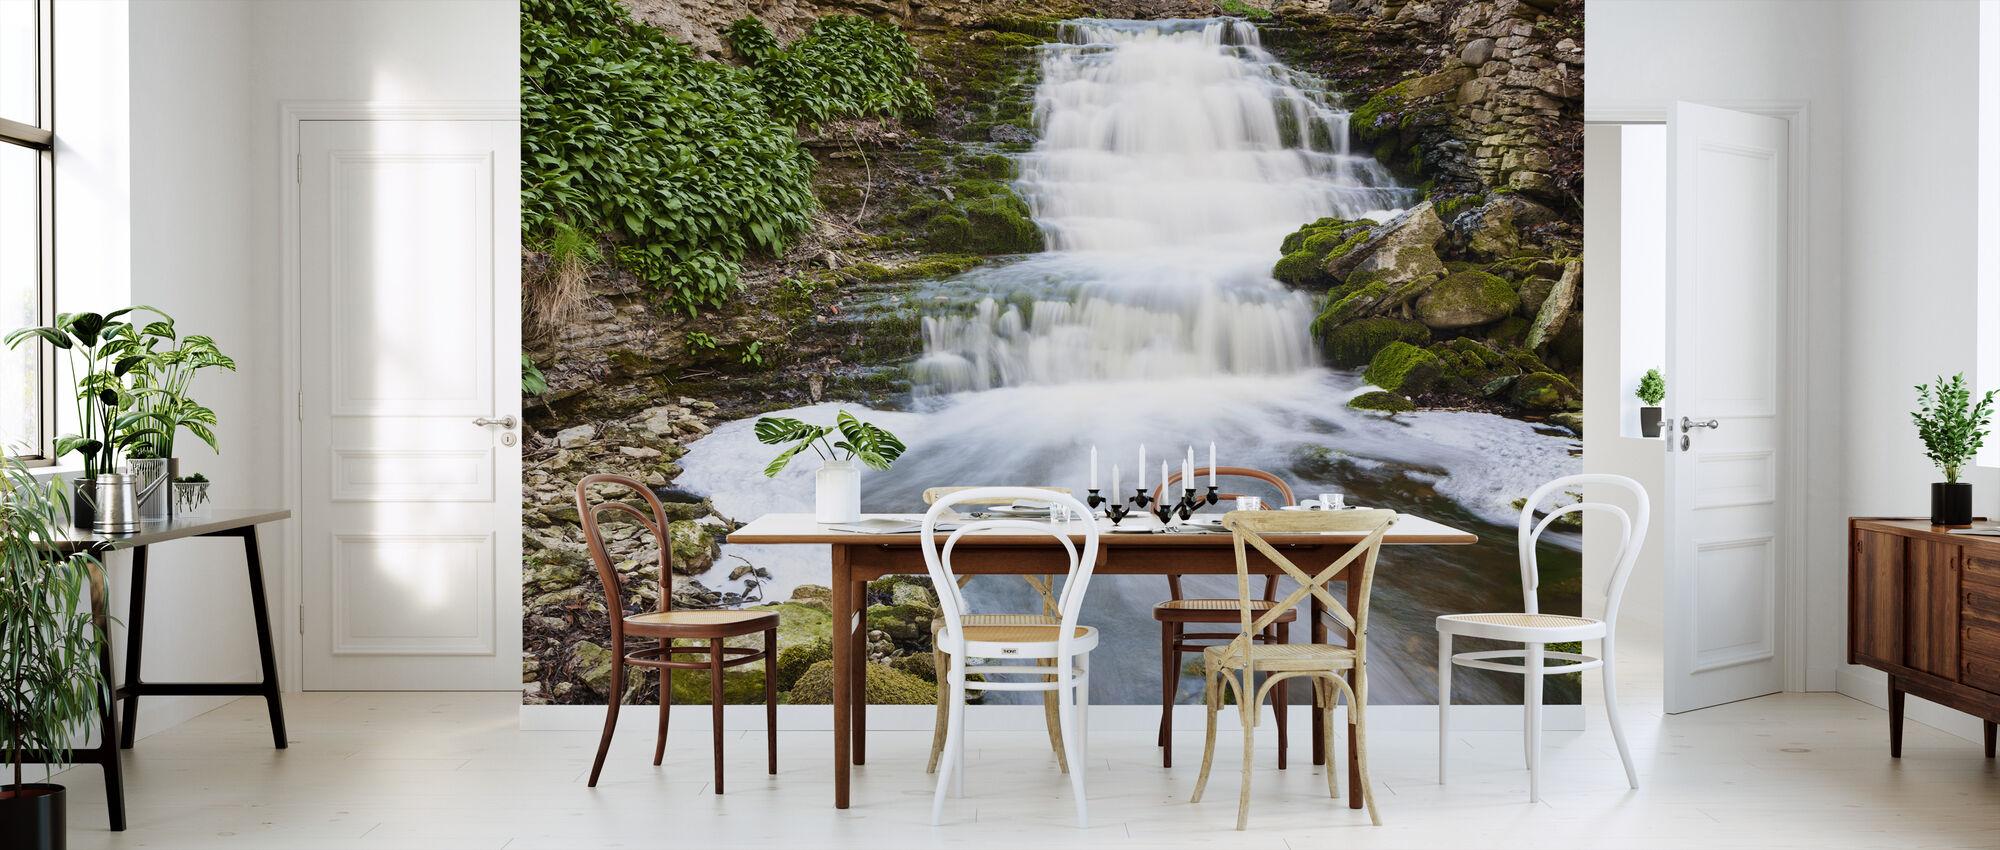 River, Gotland - Wallpaper - Kitchen